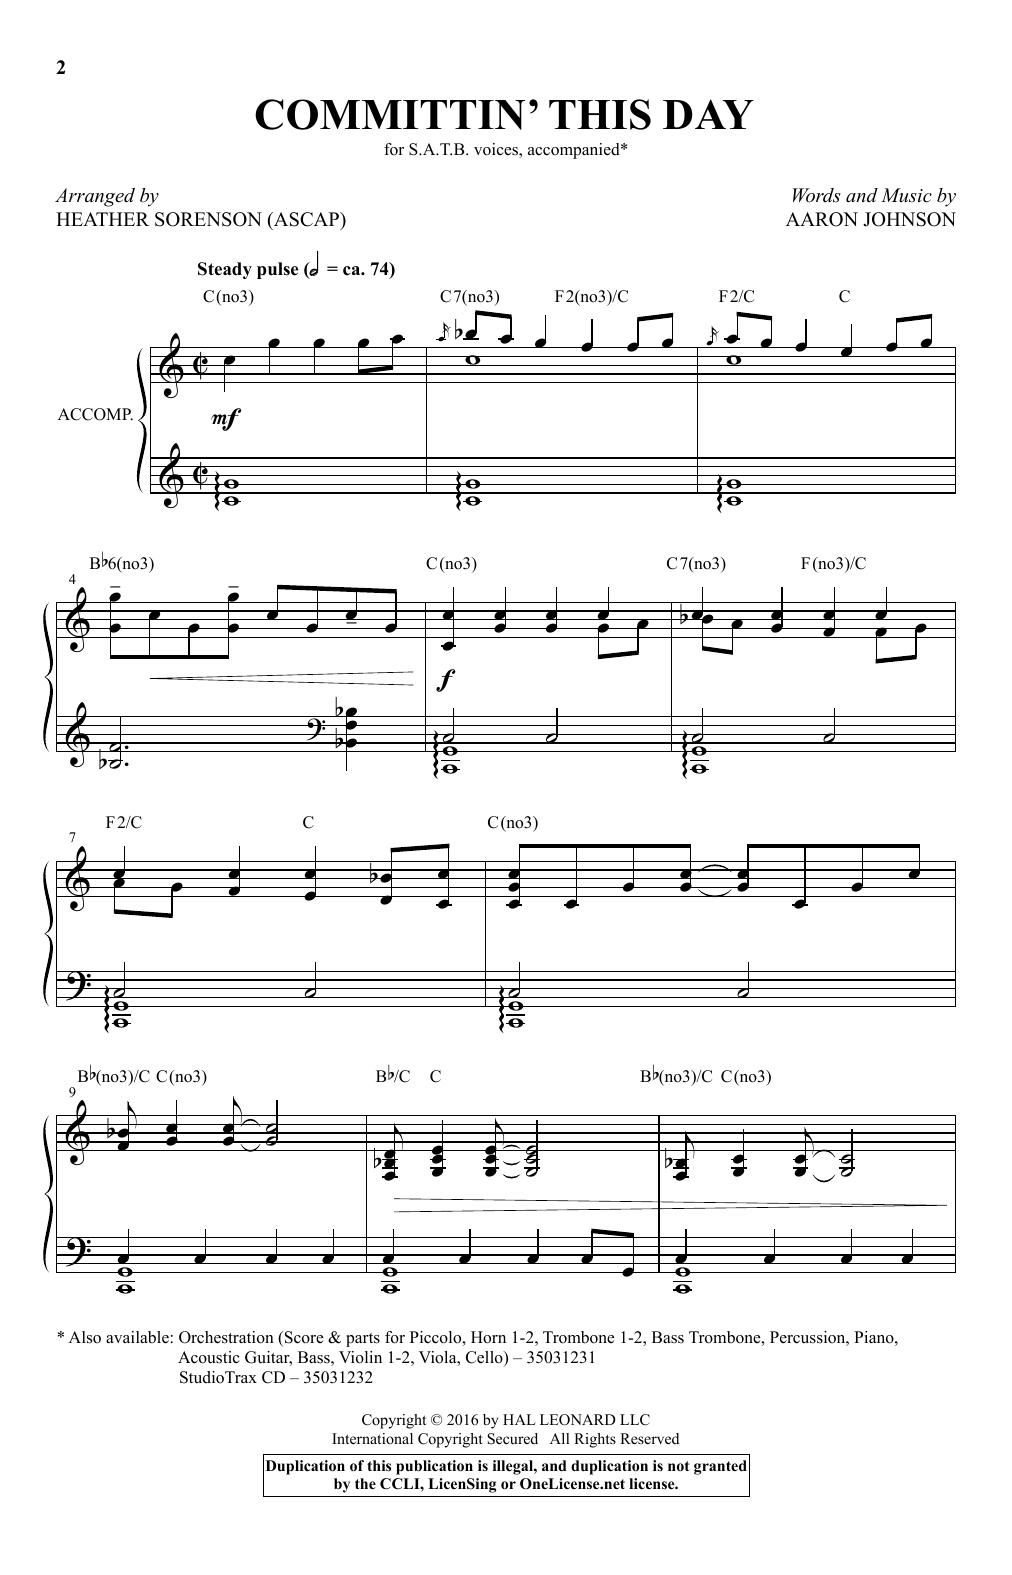 Committin' This Day (SATB Choir)